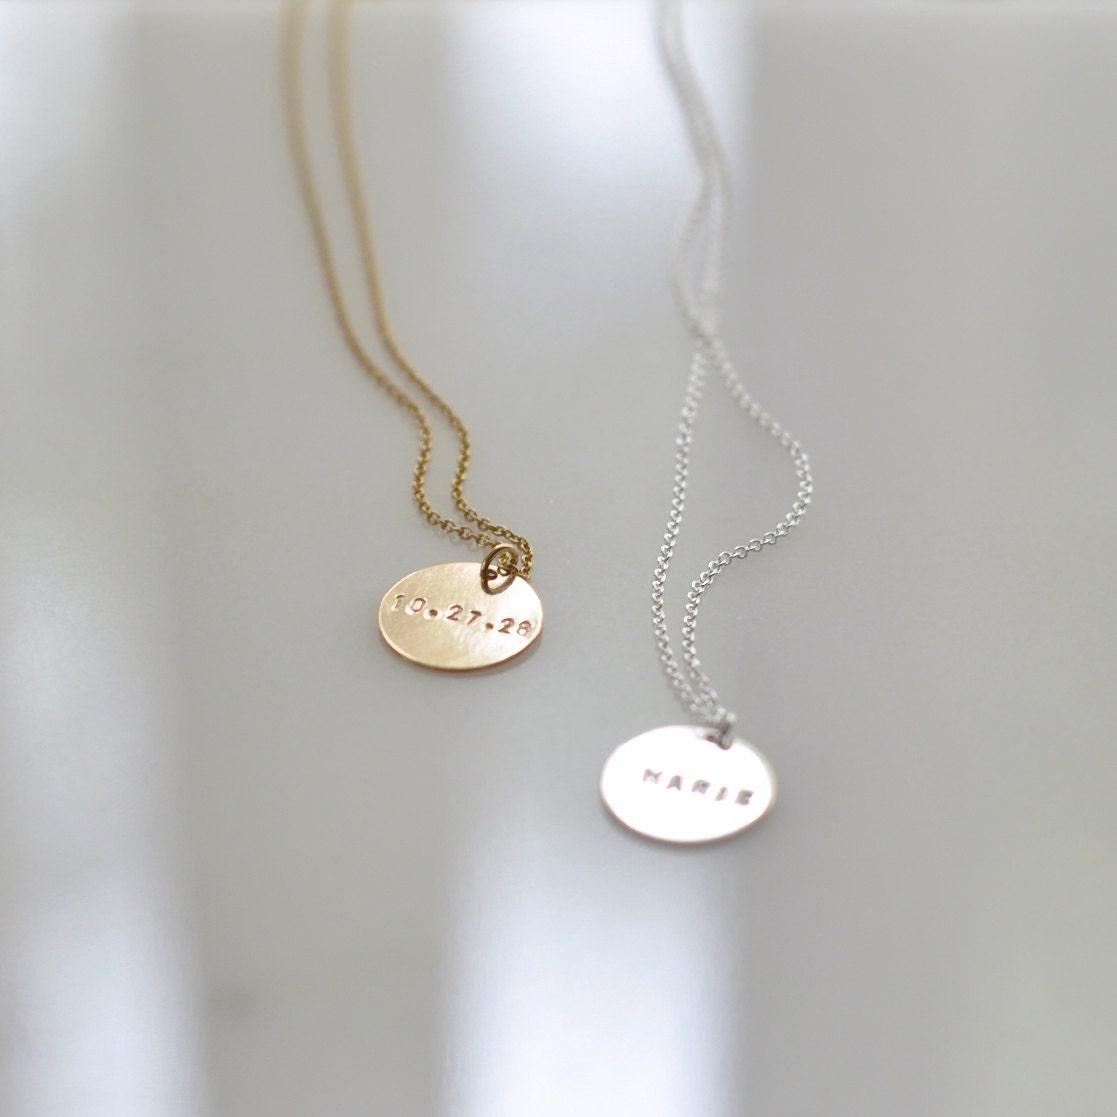 Gravierte Gold Coin Kette personalisierte Charm Halskette